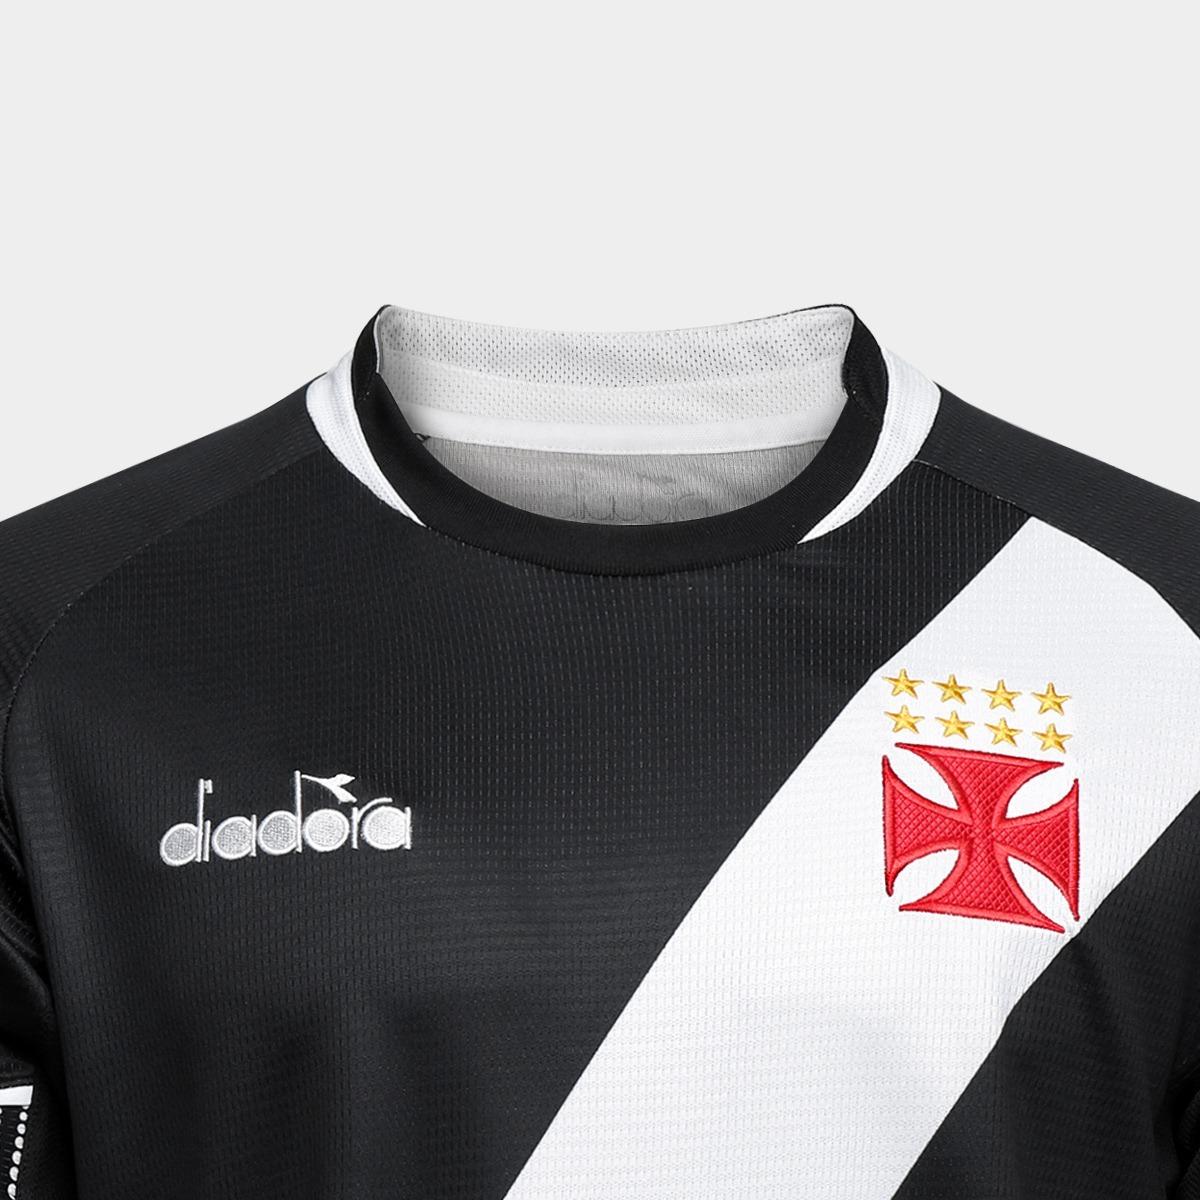 683e8406f8 Camisa Vasco 1 2018 Diadora Masculino - 40103 - R$ 249,90 em Mercado Livre